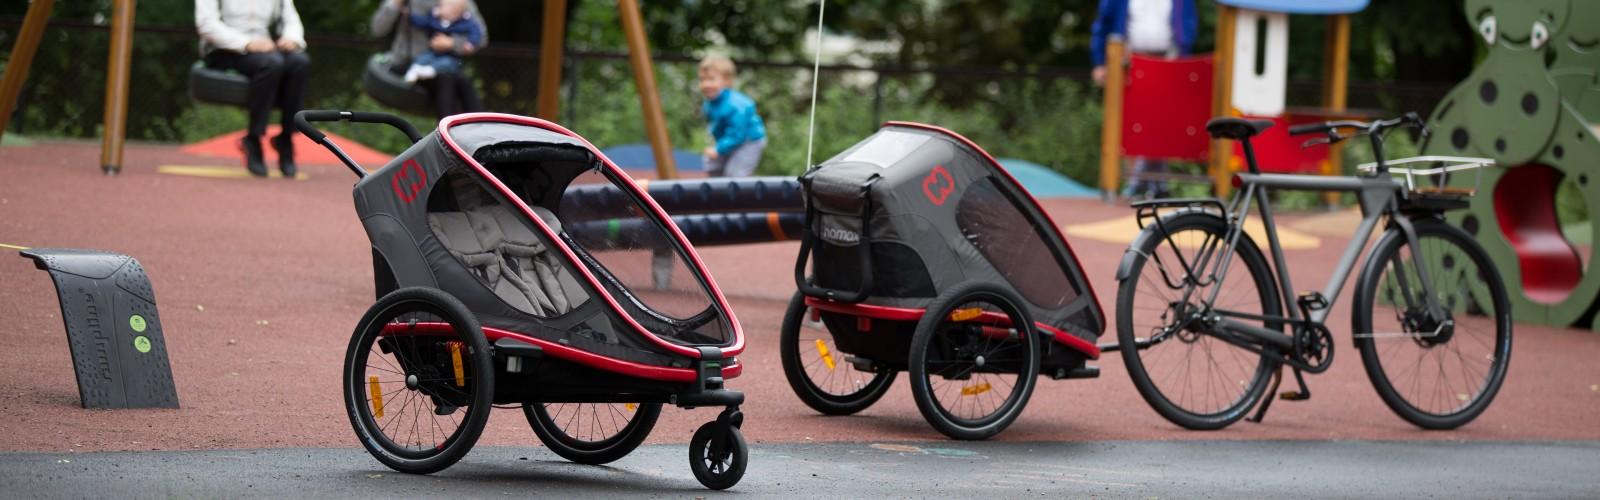 przyczepka rowerowa hamax dla dziecka